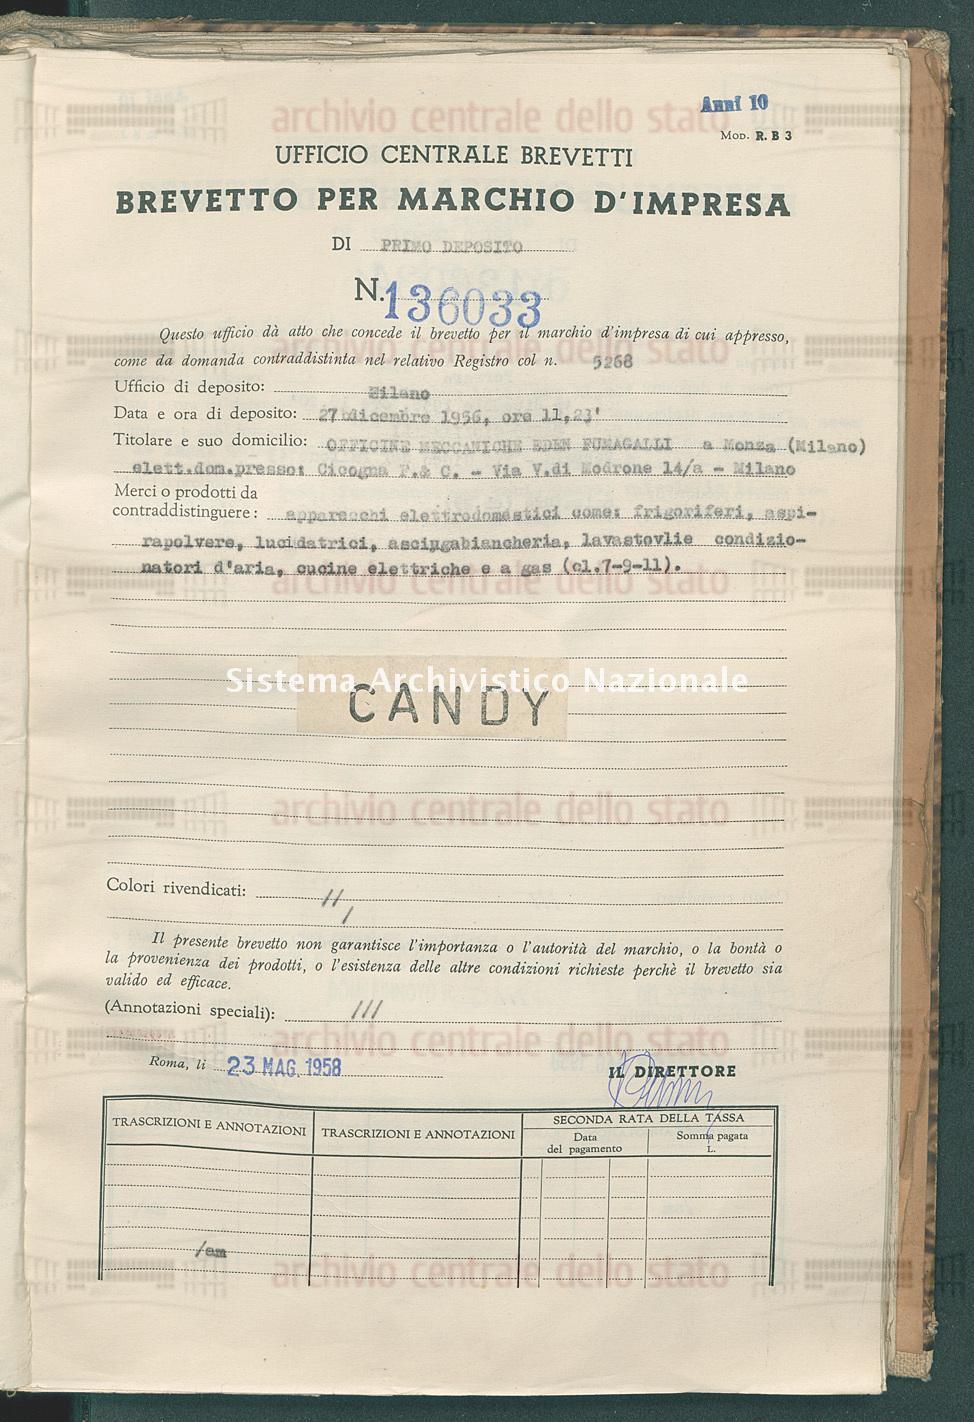 Apparecchi elettrodomestici come ecc. Officine Meccaniche Eden Fumagalli (23/05/1958)